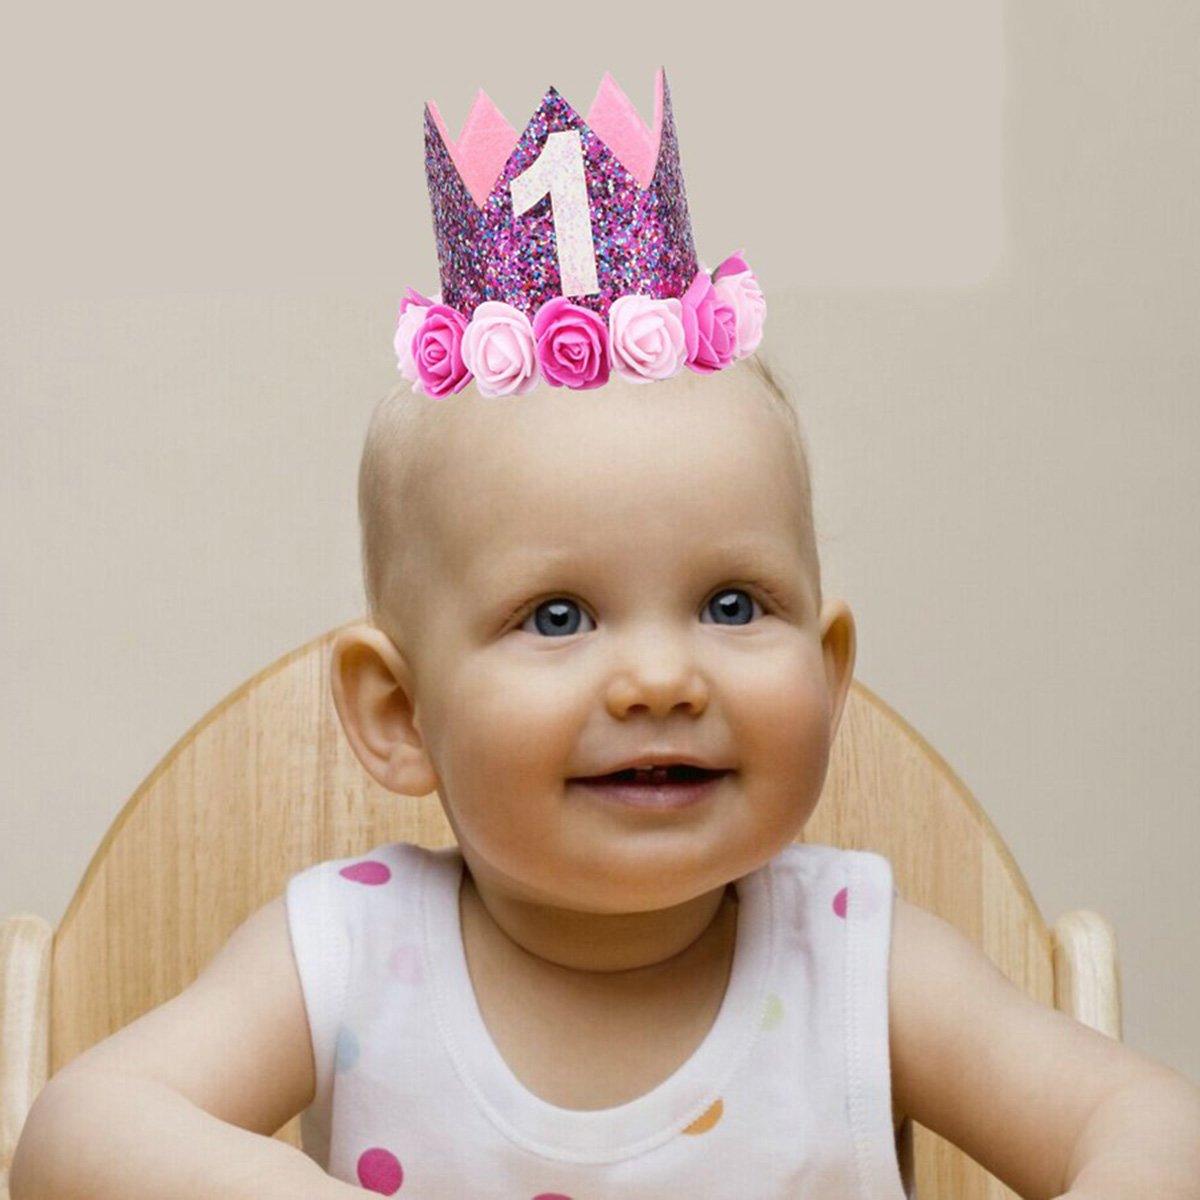 BESTOYARD Princesa Corona Cumplea/ños para Beb/é de Flor Uno A/ño Edad Rosado